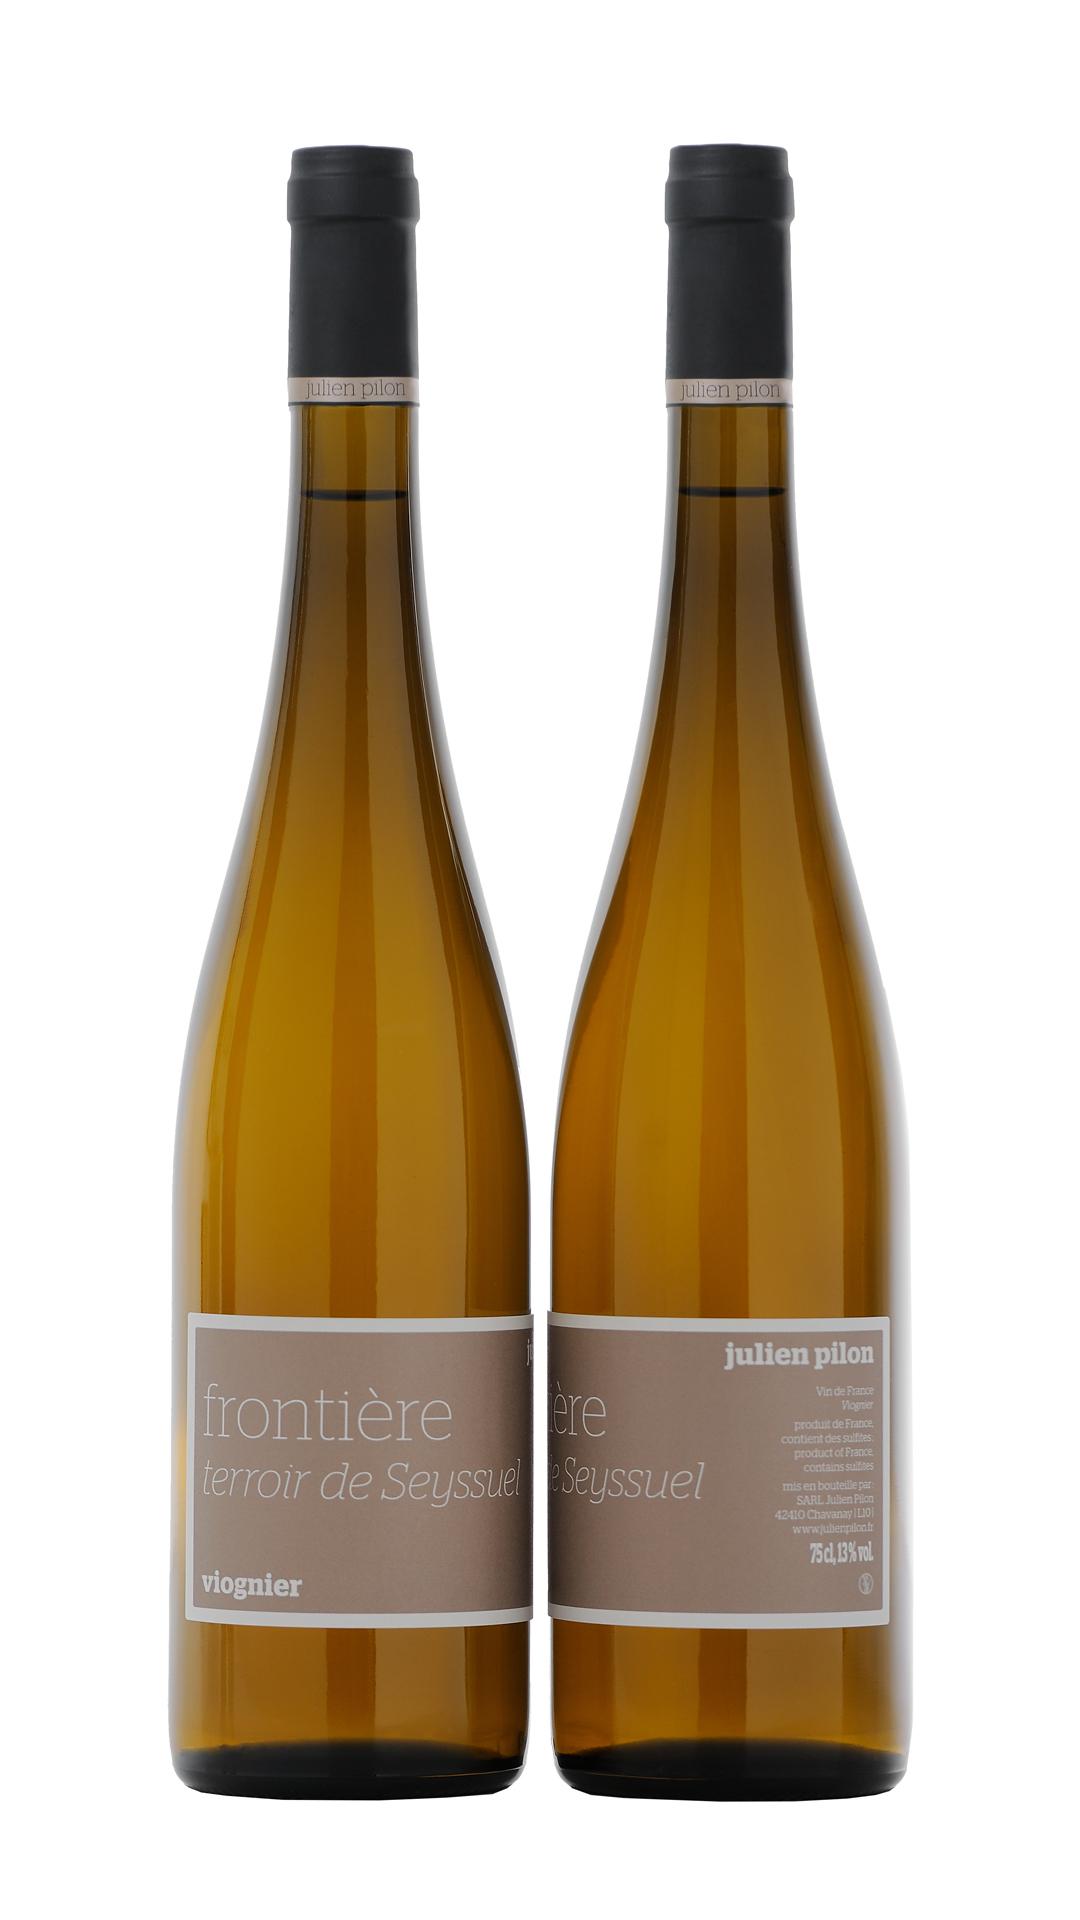 Cuvée Viognier Frontière vin de cépage blanc